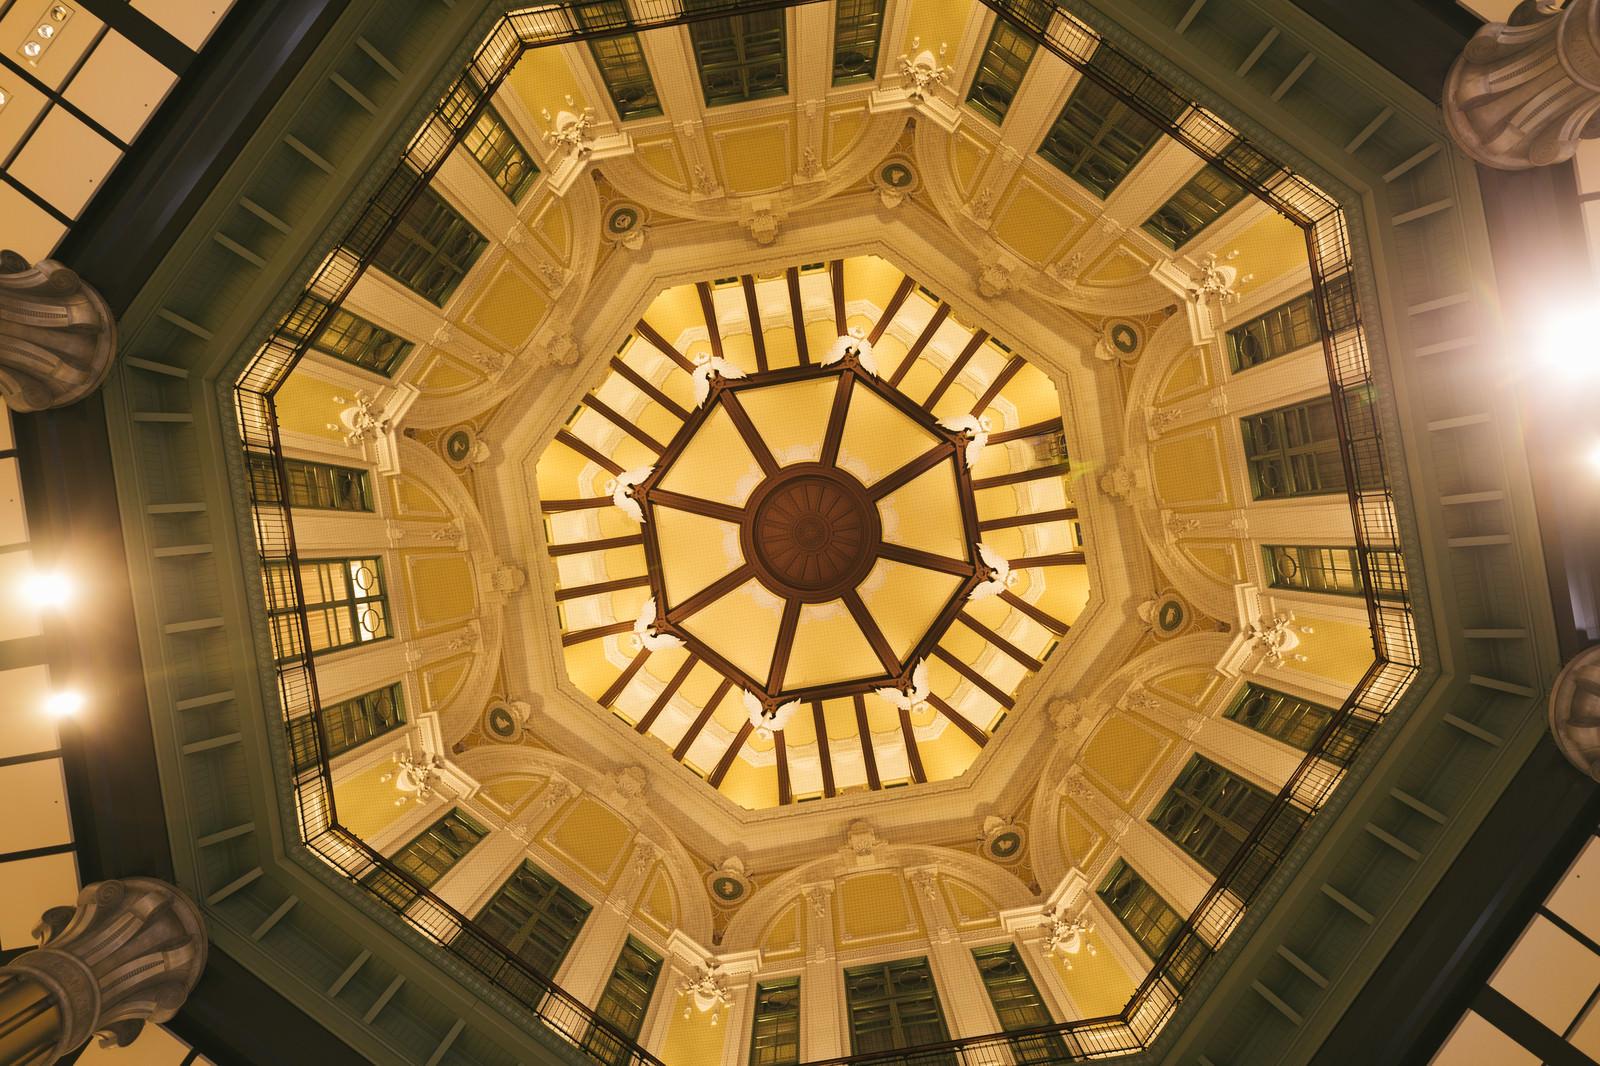 「東京駅舎の天井ドーム東京駅舎の天井ドーム」のフリー写真素材を拡大